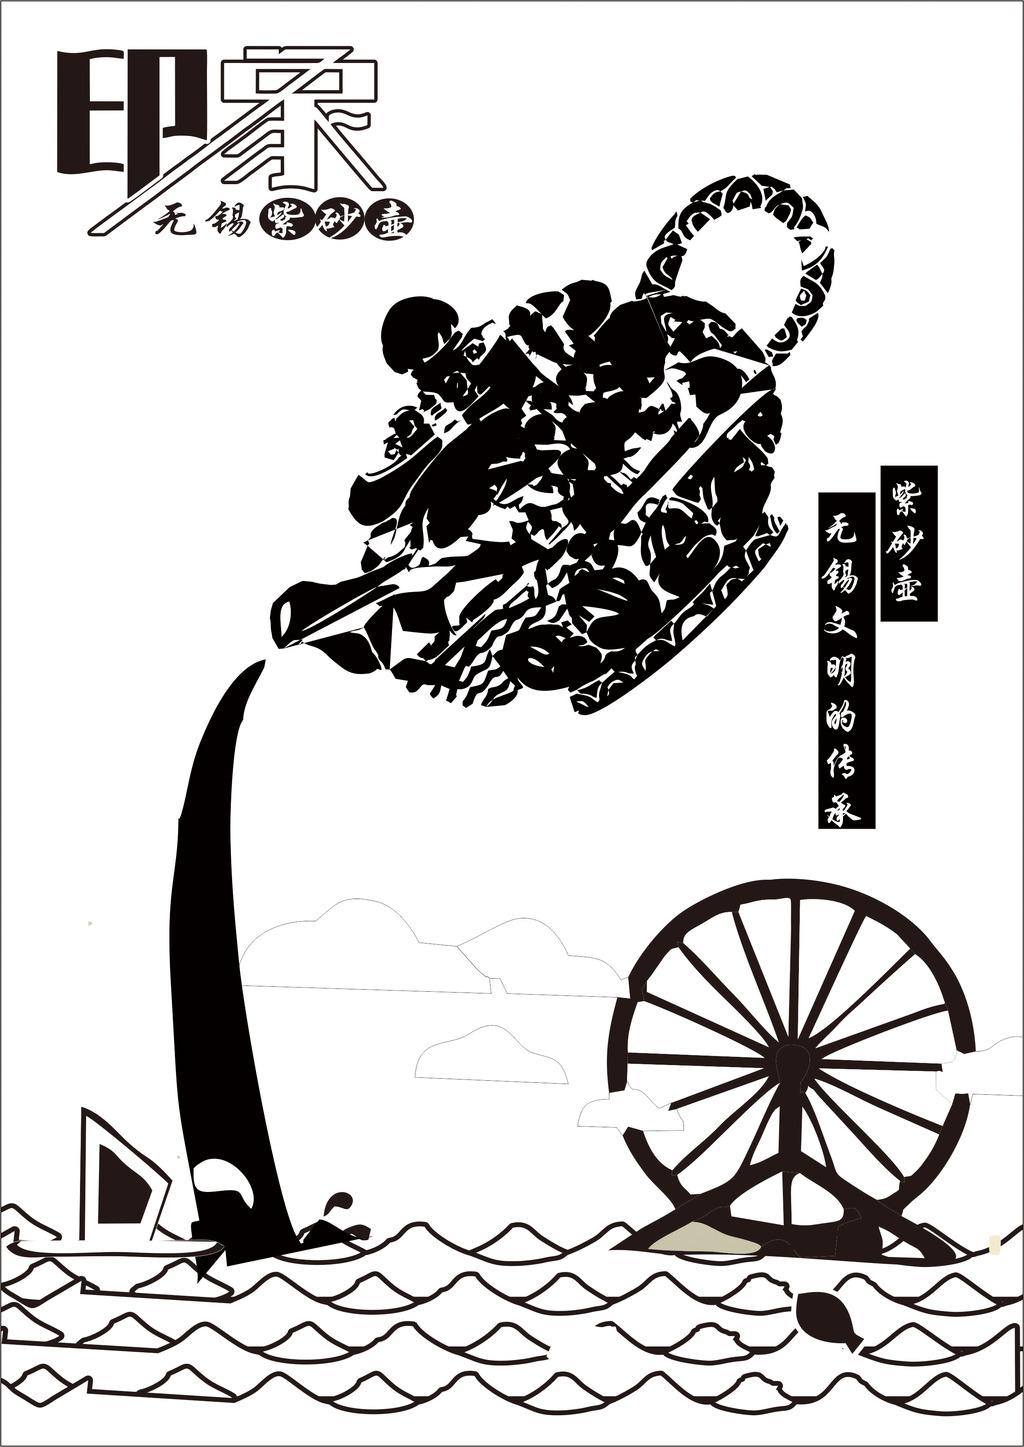 无锡海报设计印象-无锡海报设计